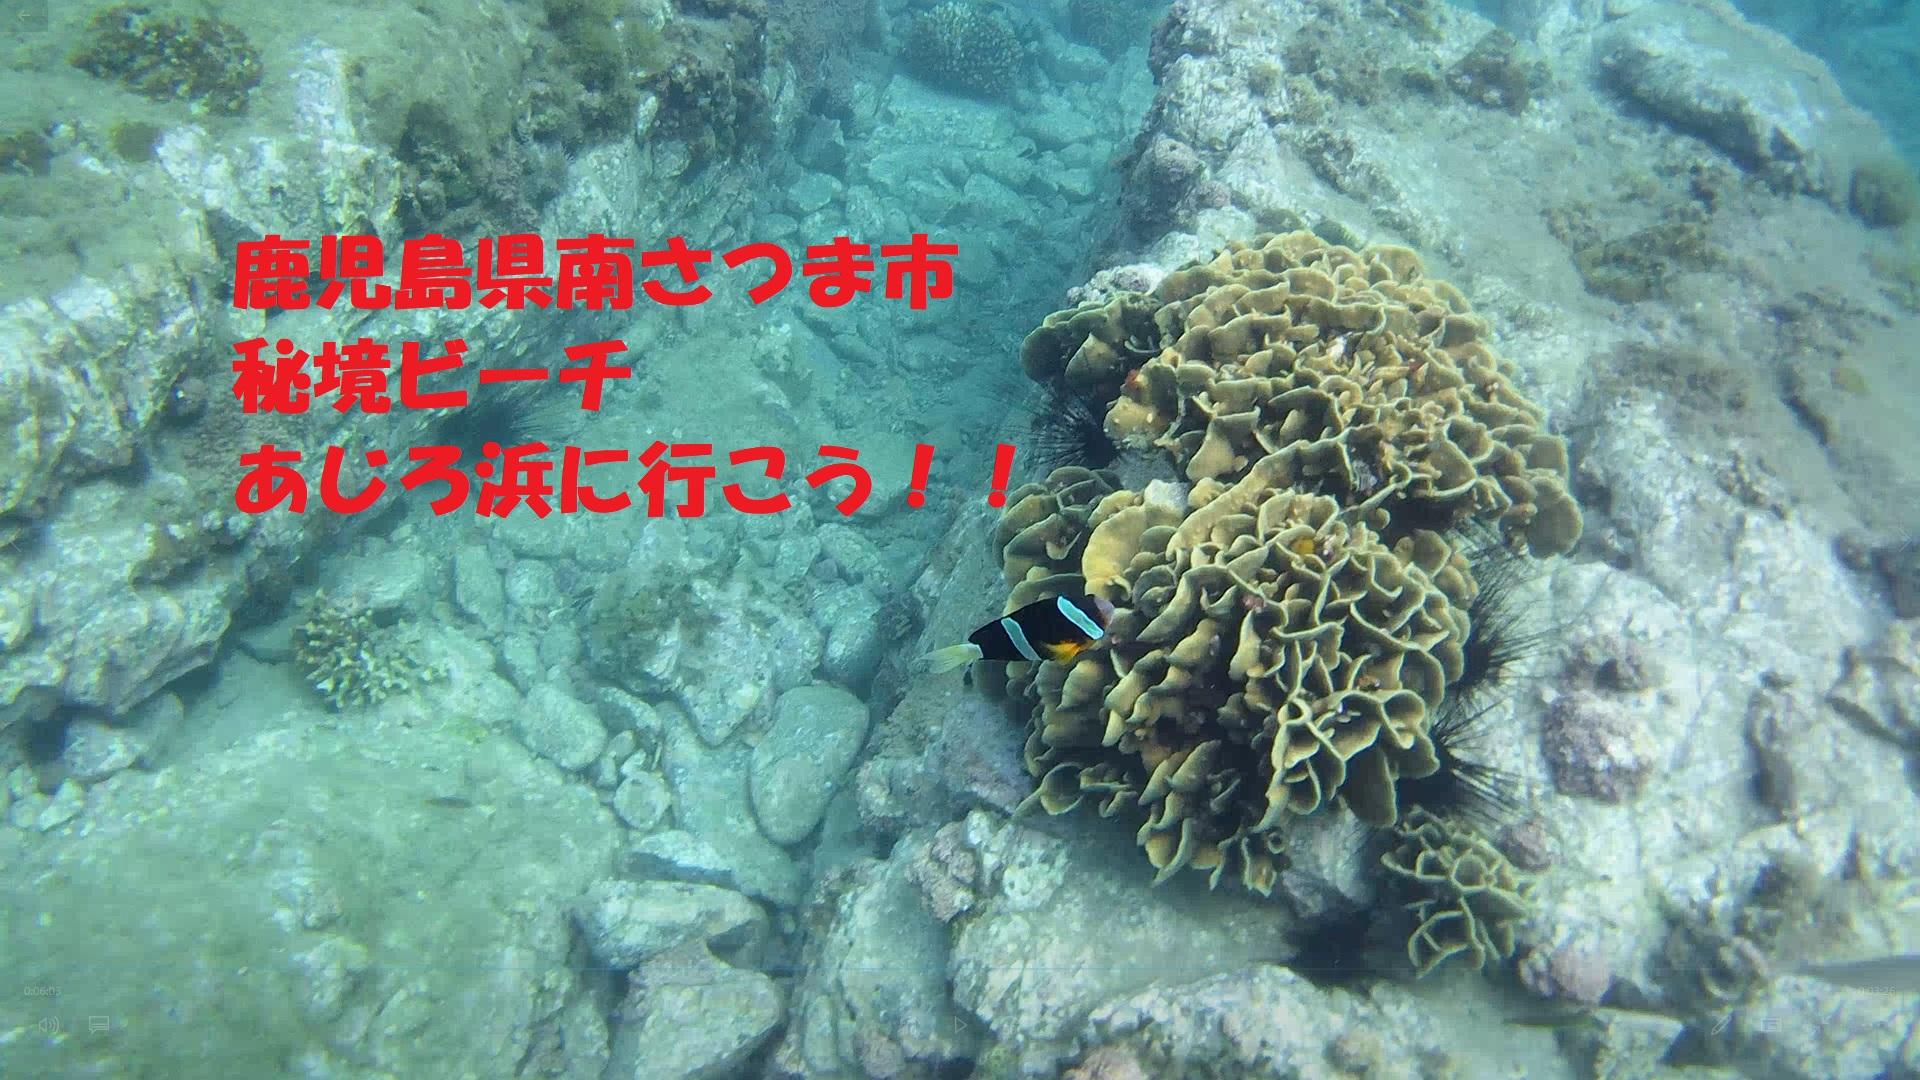 思い出作り。夏休みに行っとくべき場所!鹿児島県本土で最も美しいと言われる「 隠れ家ビーチ あじろ浜 」!! イメージ画像